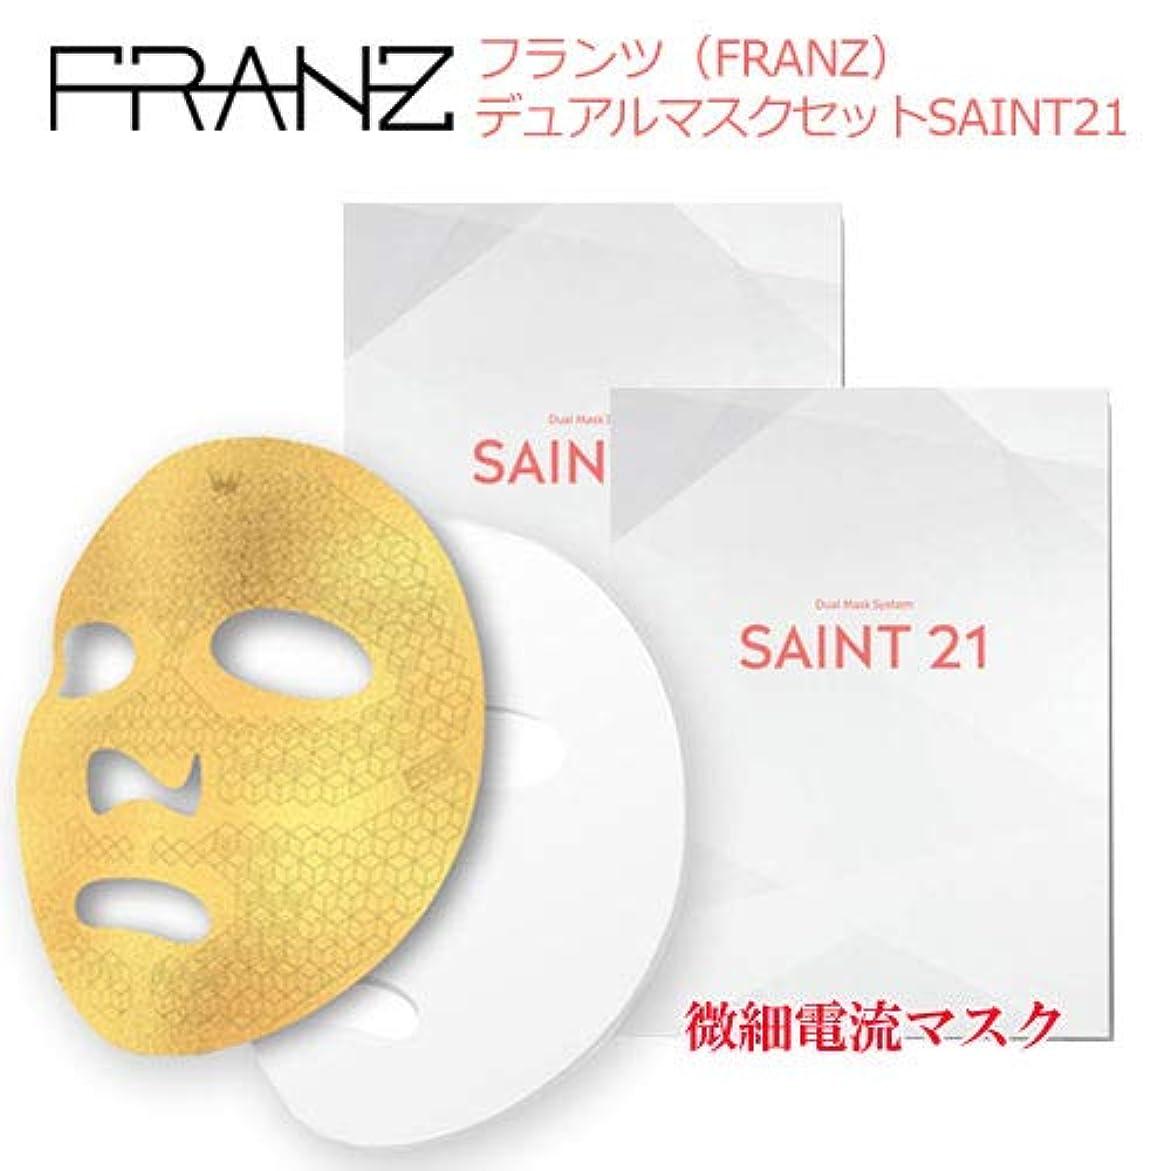 誤って瞑想する司書フランツ(FRANZ)SAINT21,デュアルゴールドマスク 1箱(2枚入)×2箱セット微細電流マスク、ヒト幹細胞培養美容液 フェイスマスク シートパック